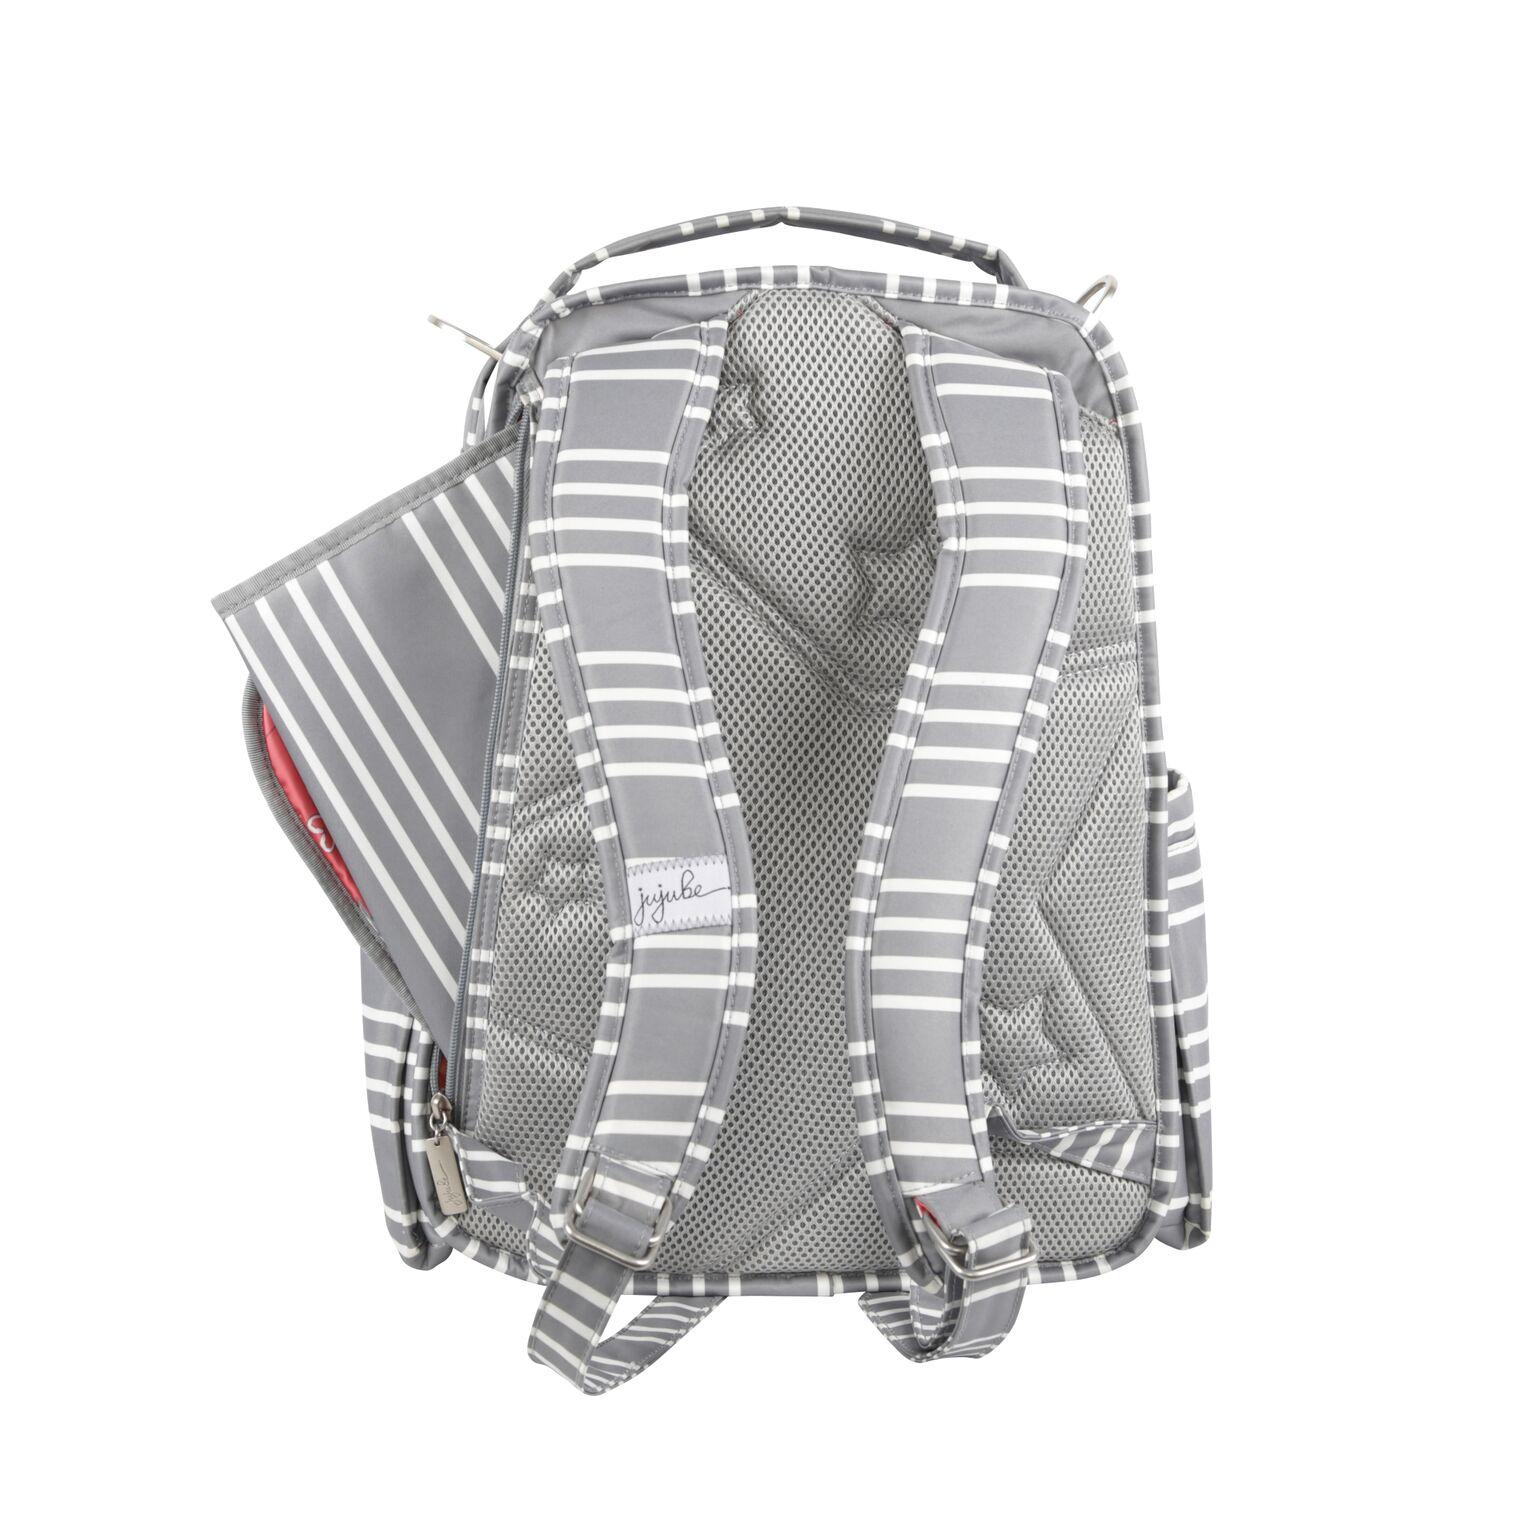 Рюкзак для мамы Ju-Ju-Be - Be Right Back, East Hampton